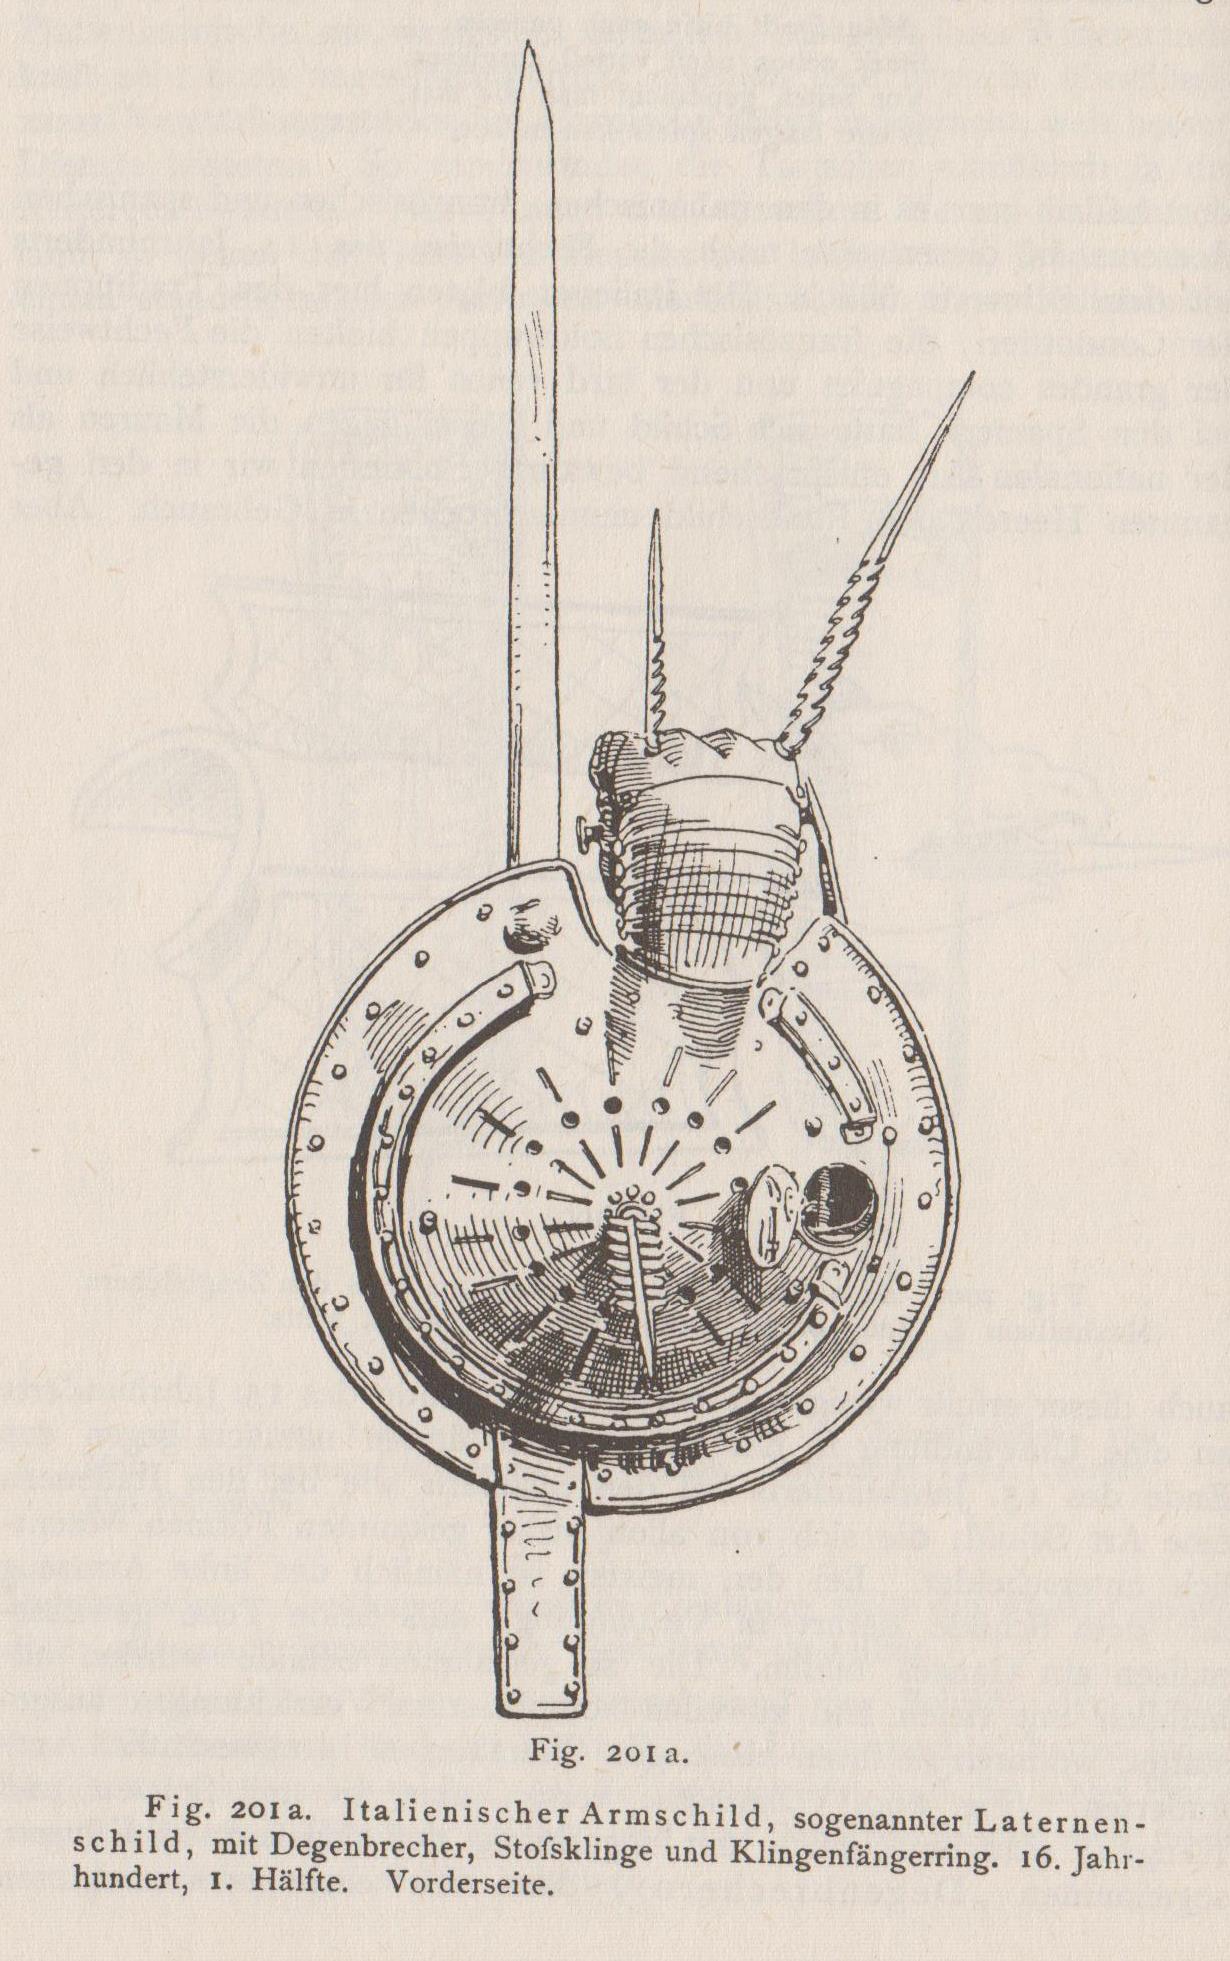 """Darstellung aus """"Handbuch der Waffenkunde"""" von Wendelin Boeheim (Verlag E.A. Seemann, Leipzig 1890)"""